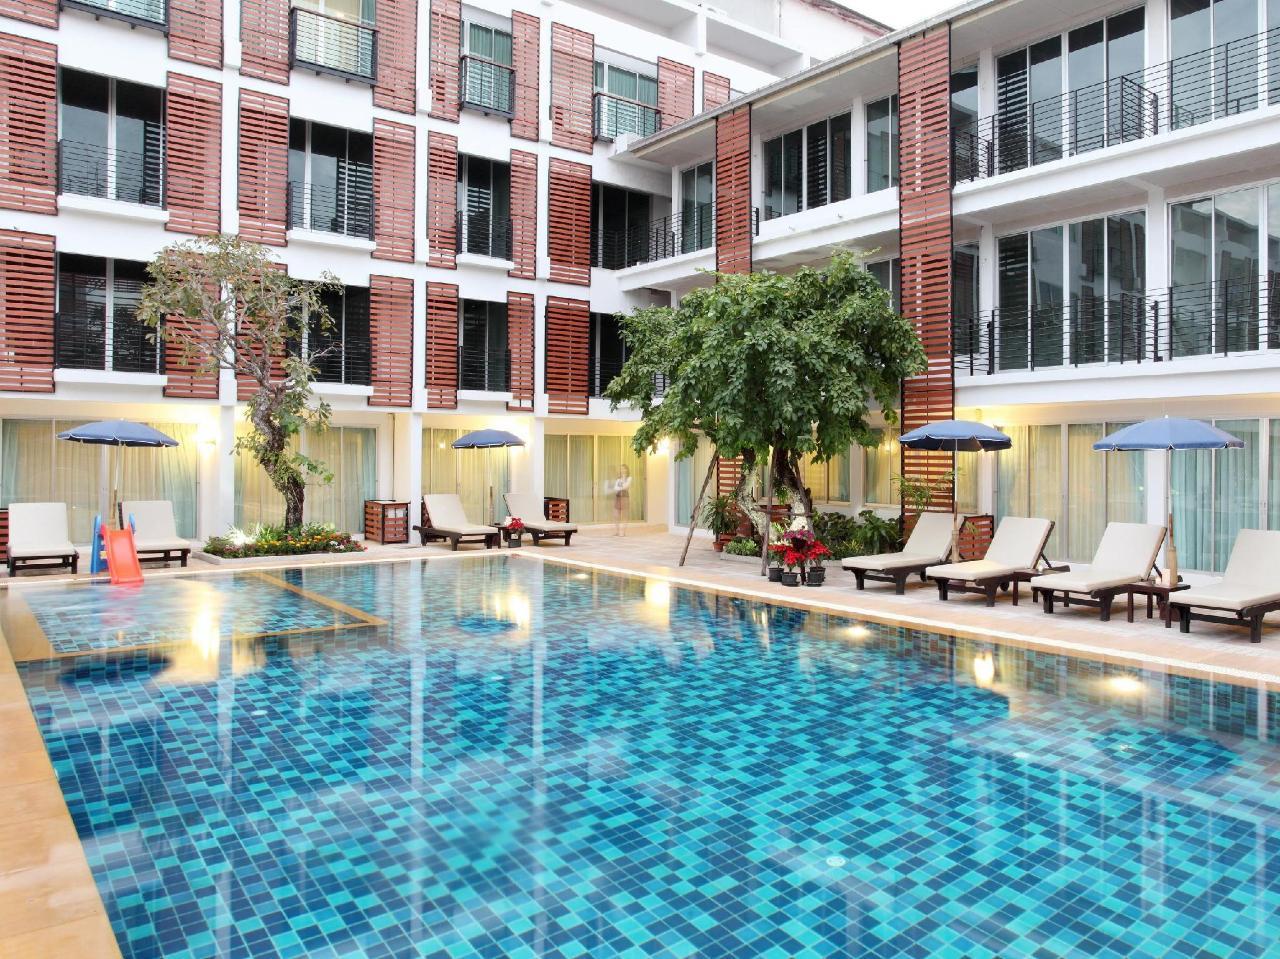 โรงแรมพาราไดซ์ อุดรธานี (Paradise Hotel Udonthani)